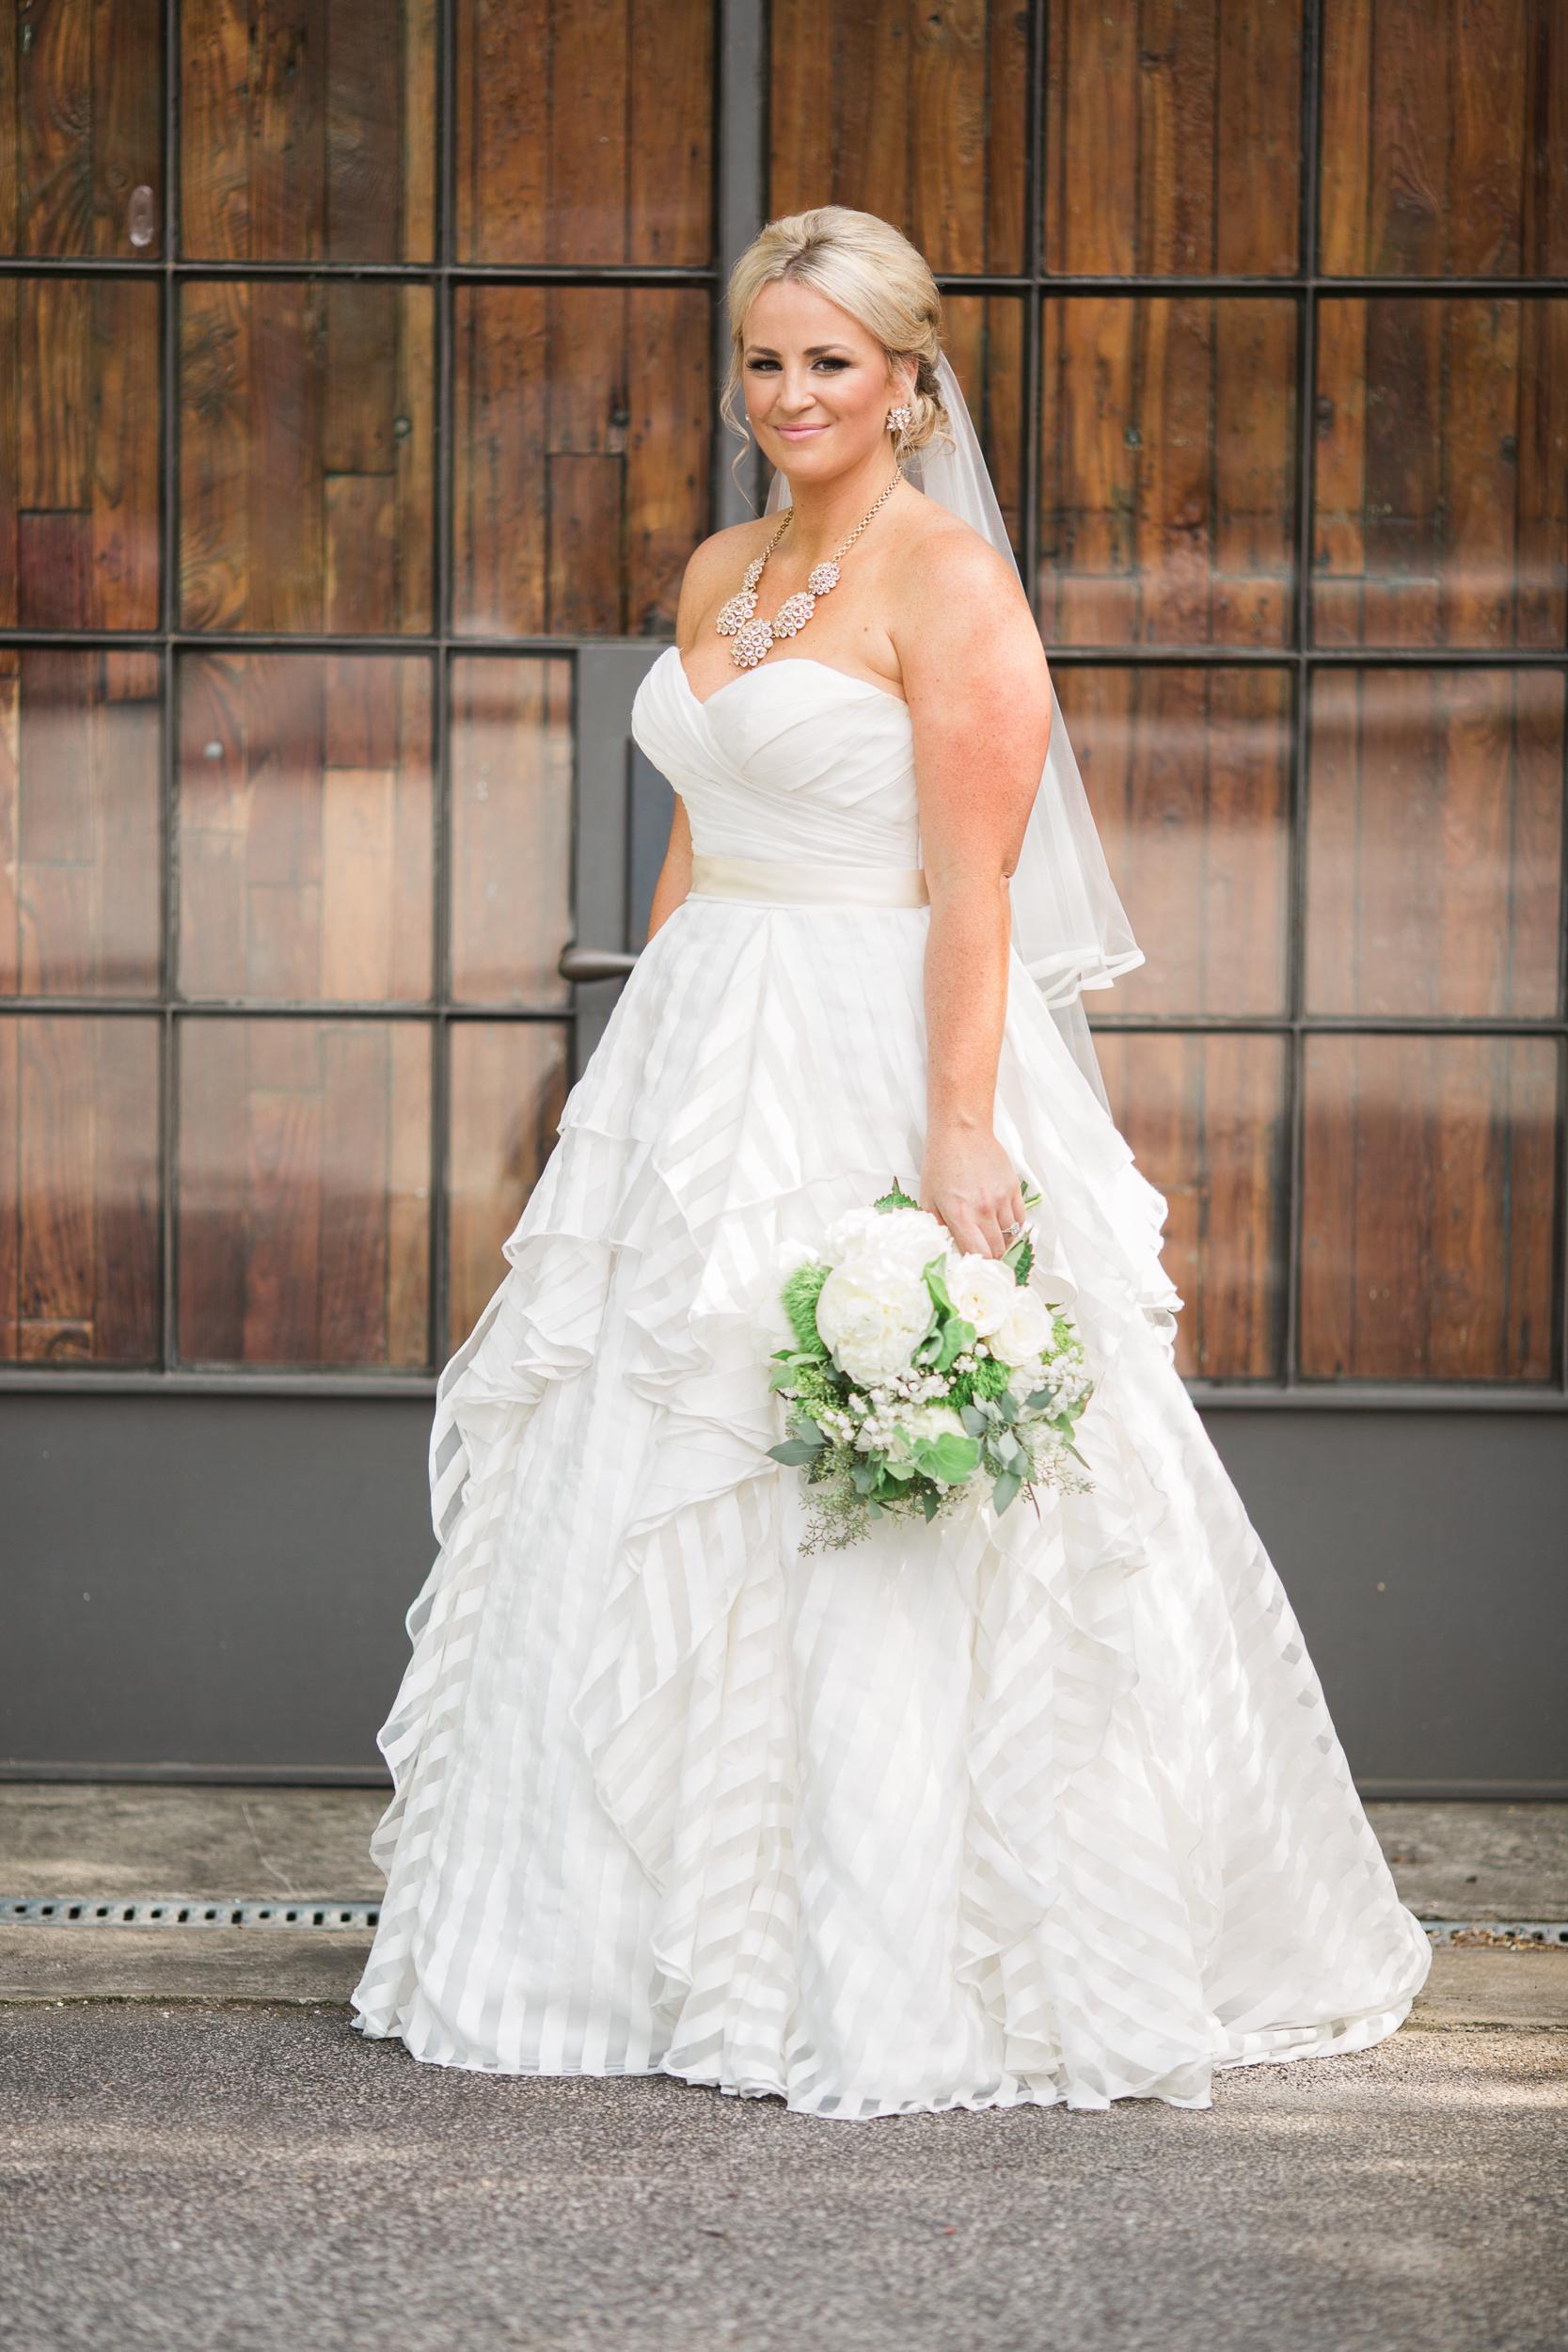 GY5A0113 Sponsel Wedding.jpg